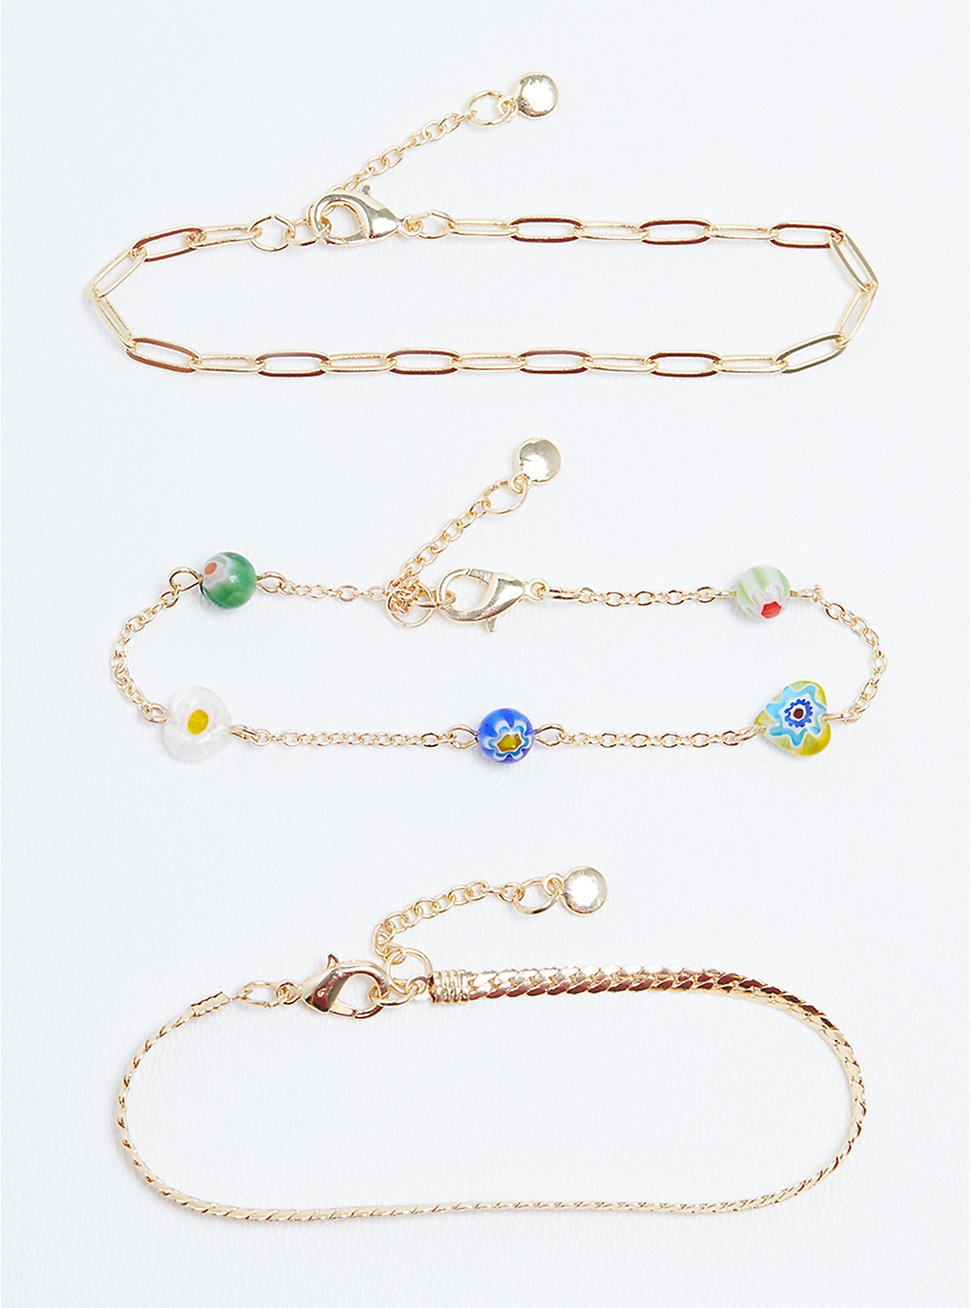 Plus Size Floral Beaded & Link Anklet Set of 3 - Gold Tone, , hi-res